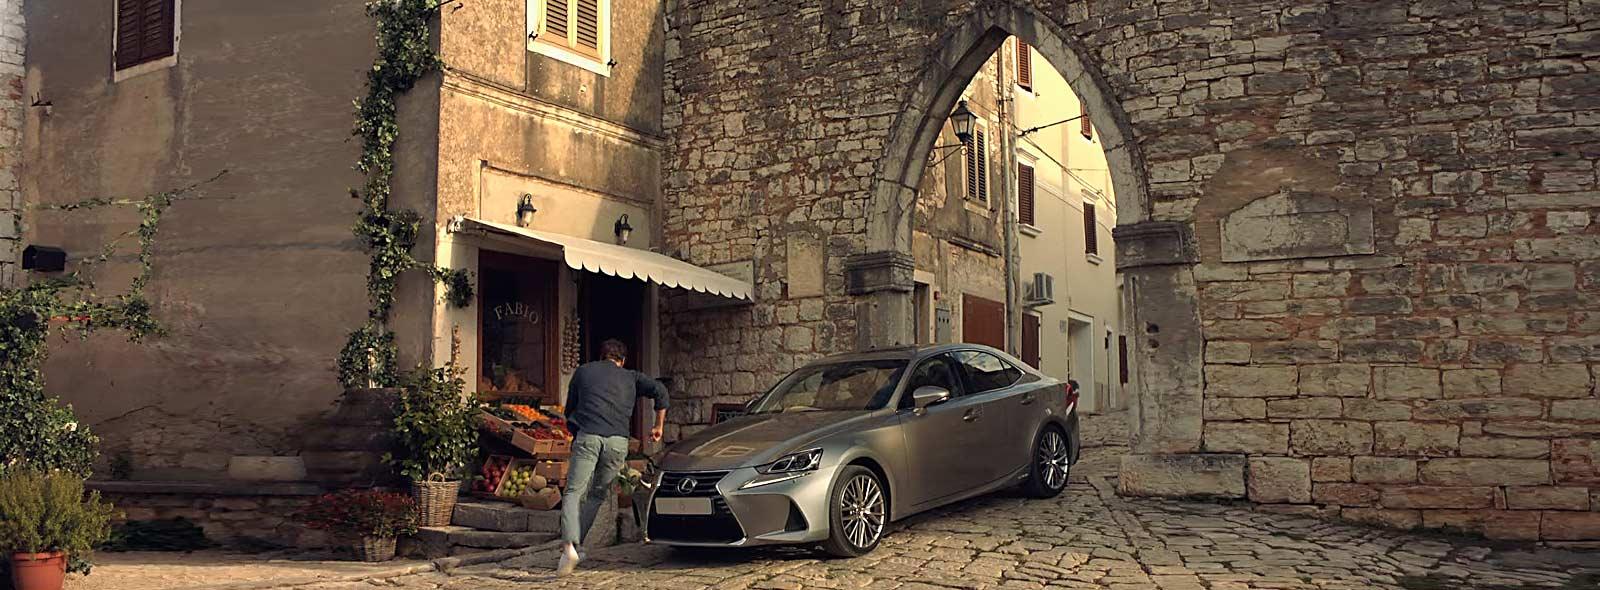 Nuova IS Hybrid argento in sosta davanti un fruttivendolo in un centro storico di un paese italiano